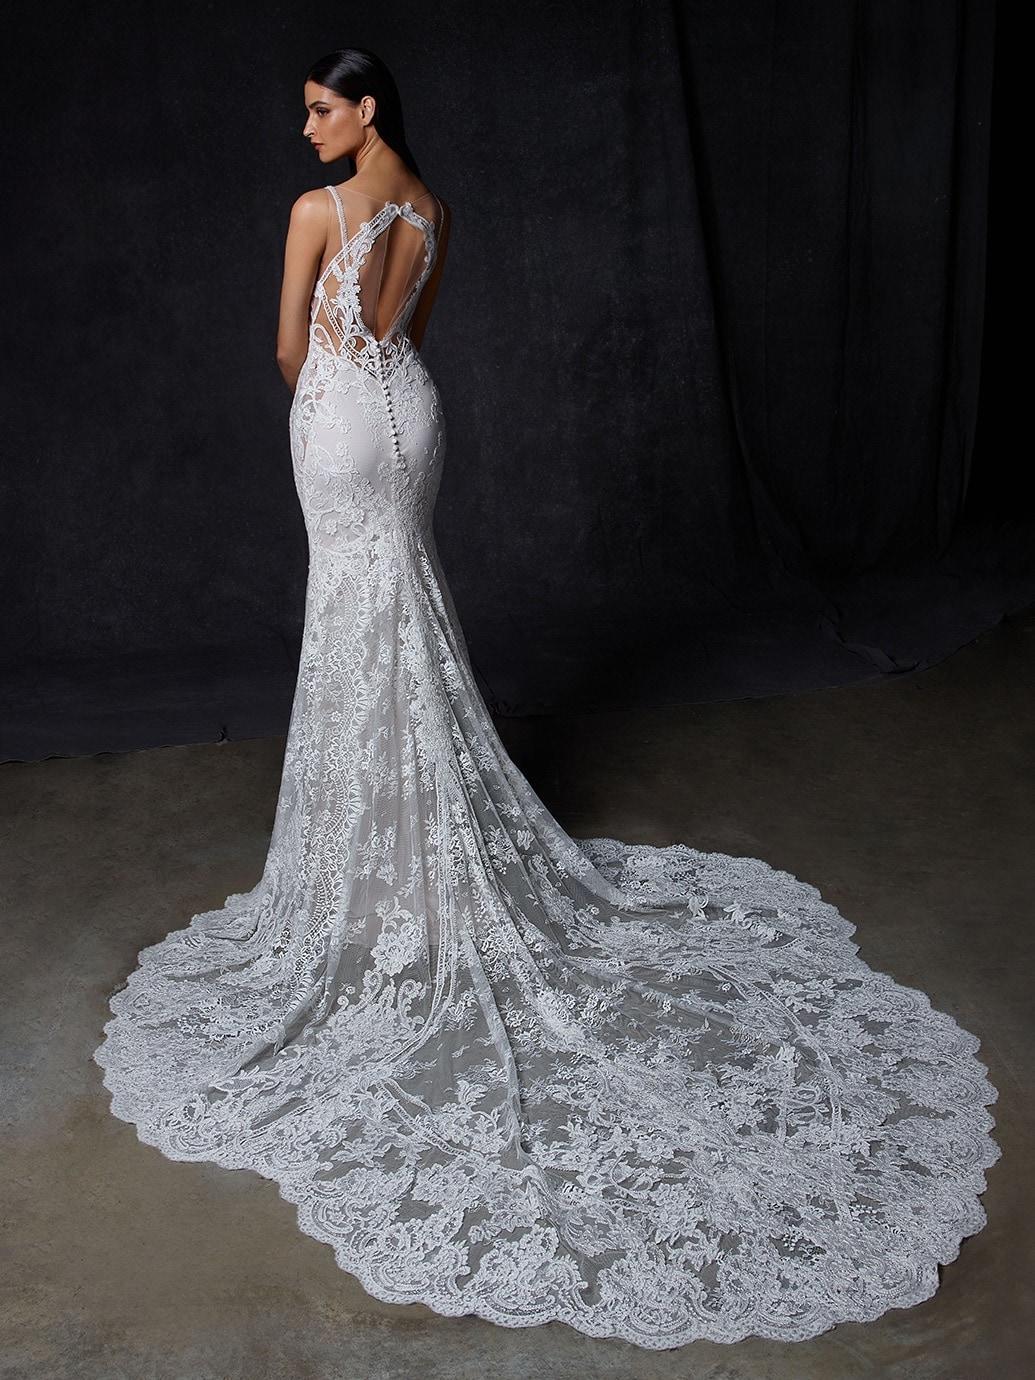 Fit-and-Flare-Hochzeitskleid mit Spitze, transparentem Top, Plunge-Ausschnitt, Tattoo-Effekt, Rücken-Cut-out und Schleppe von Enzoani, Modell Oretha